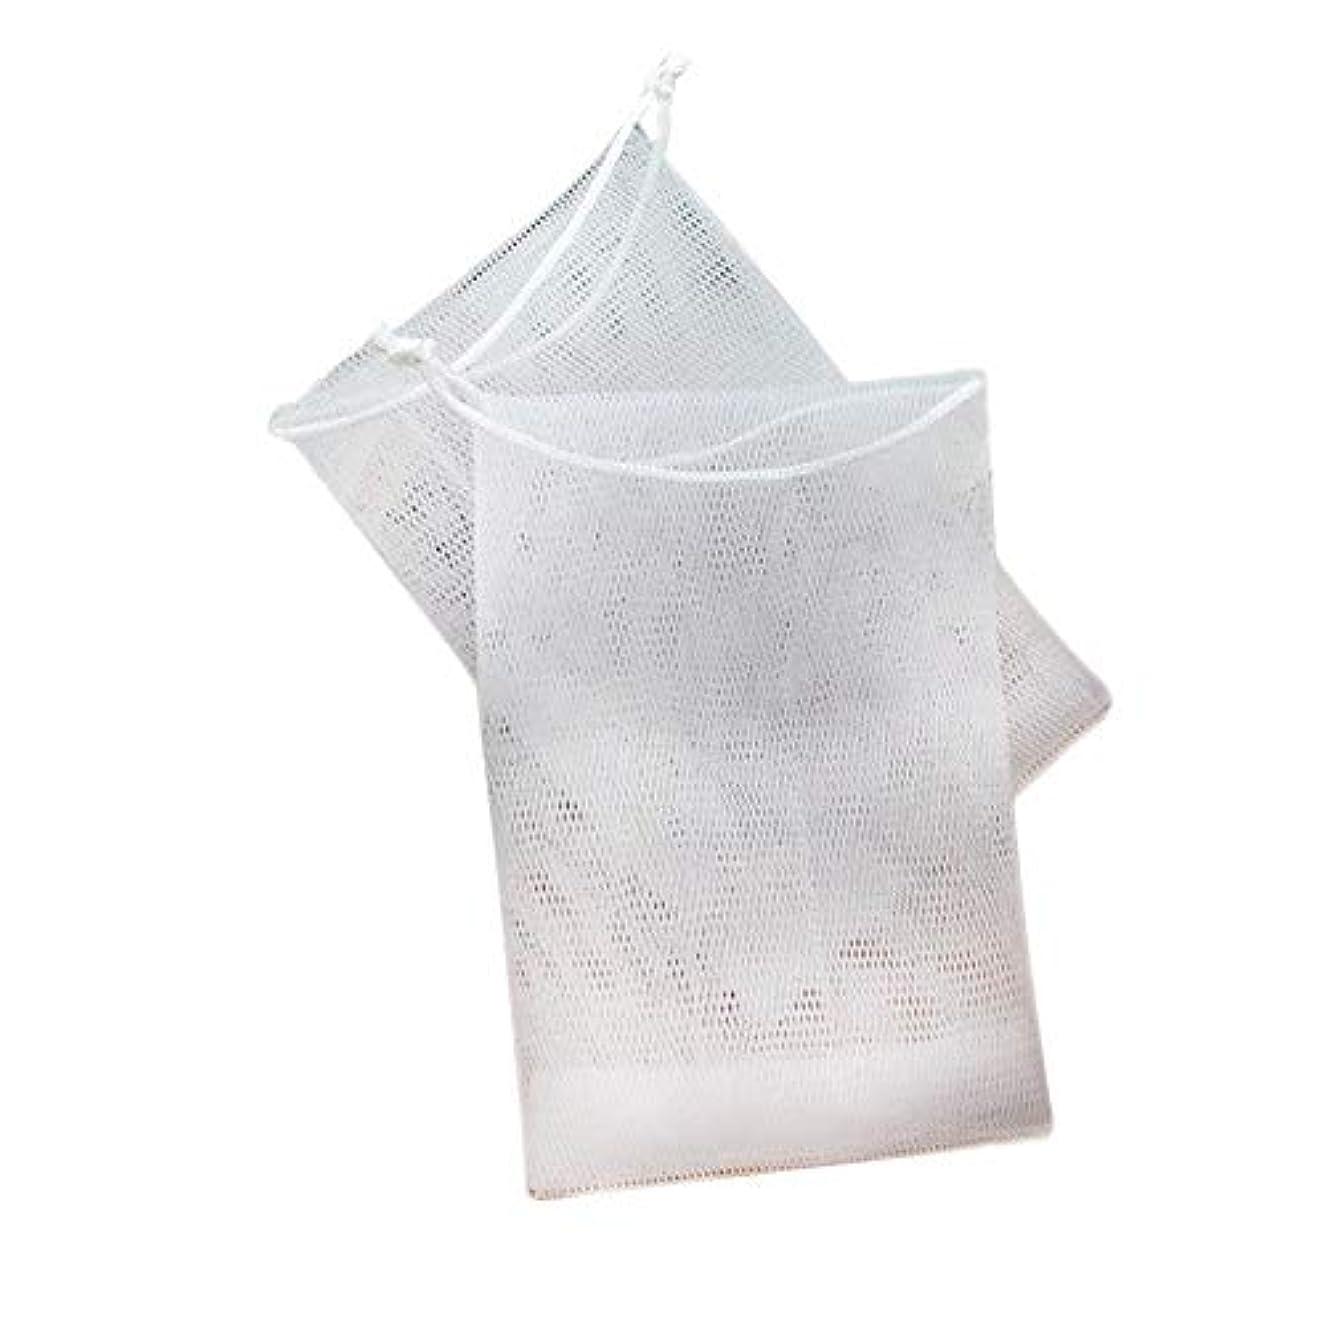 極貧暗殺者経営者石鹸の袋の網のドローストリング袋は ハンドメイドの石鹸の泡泡ネットメーカーのために掛けることができます 12×9cm